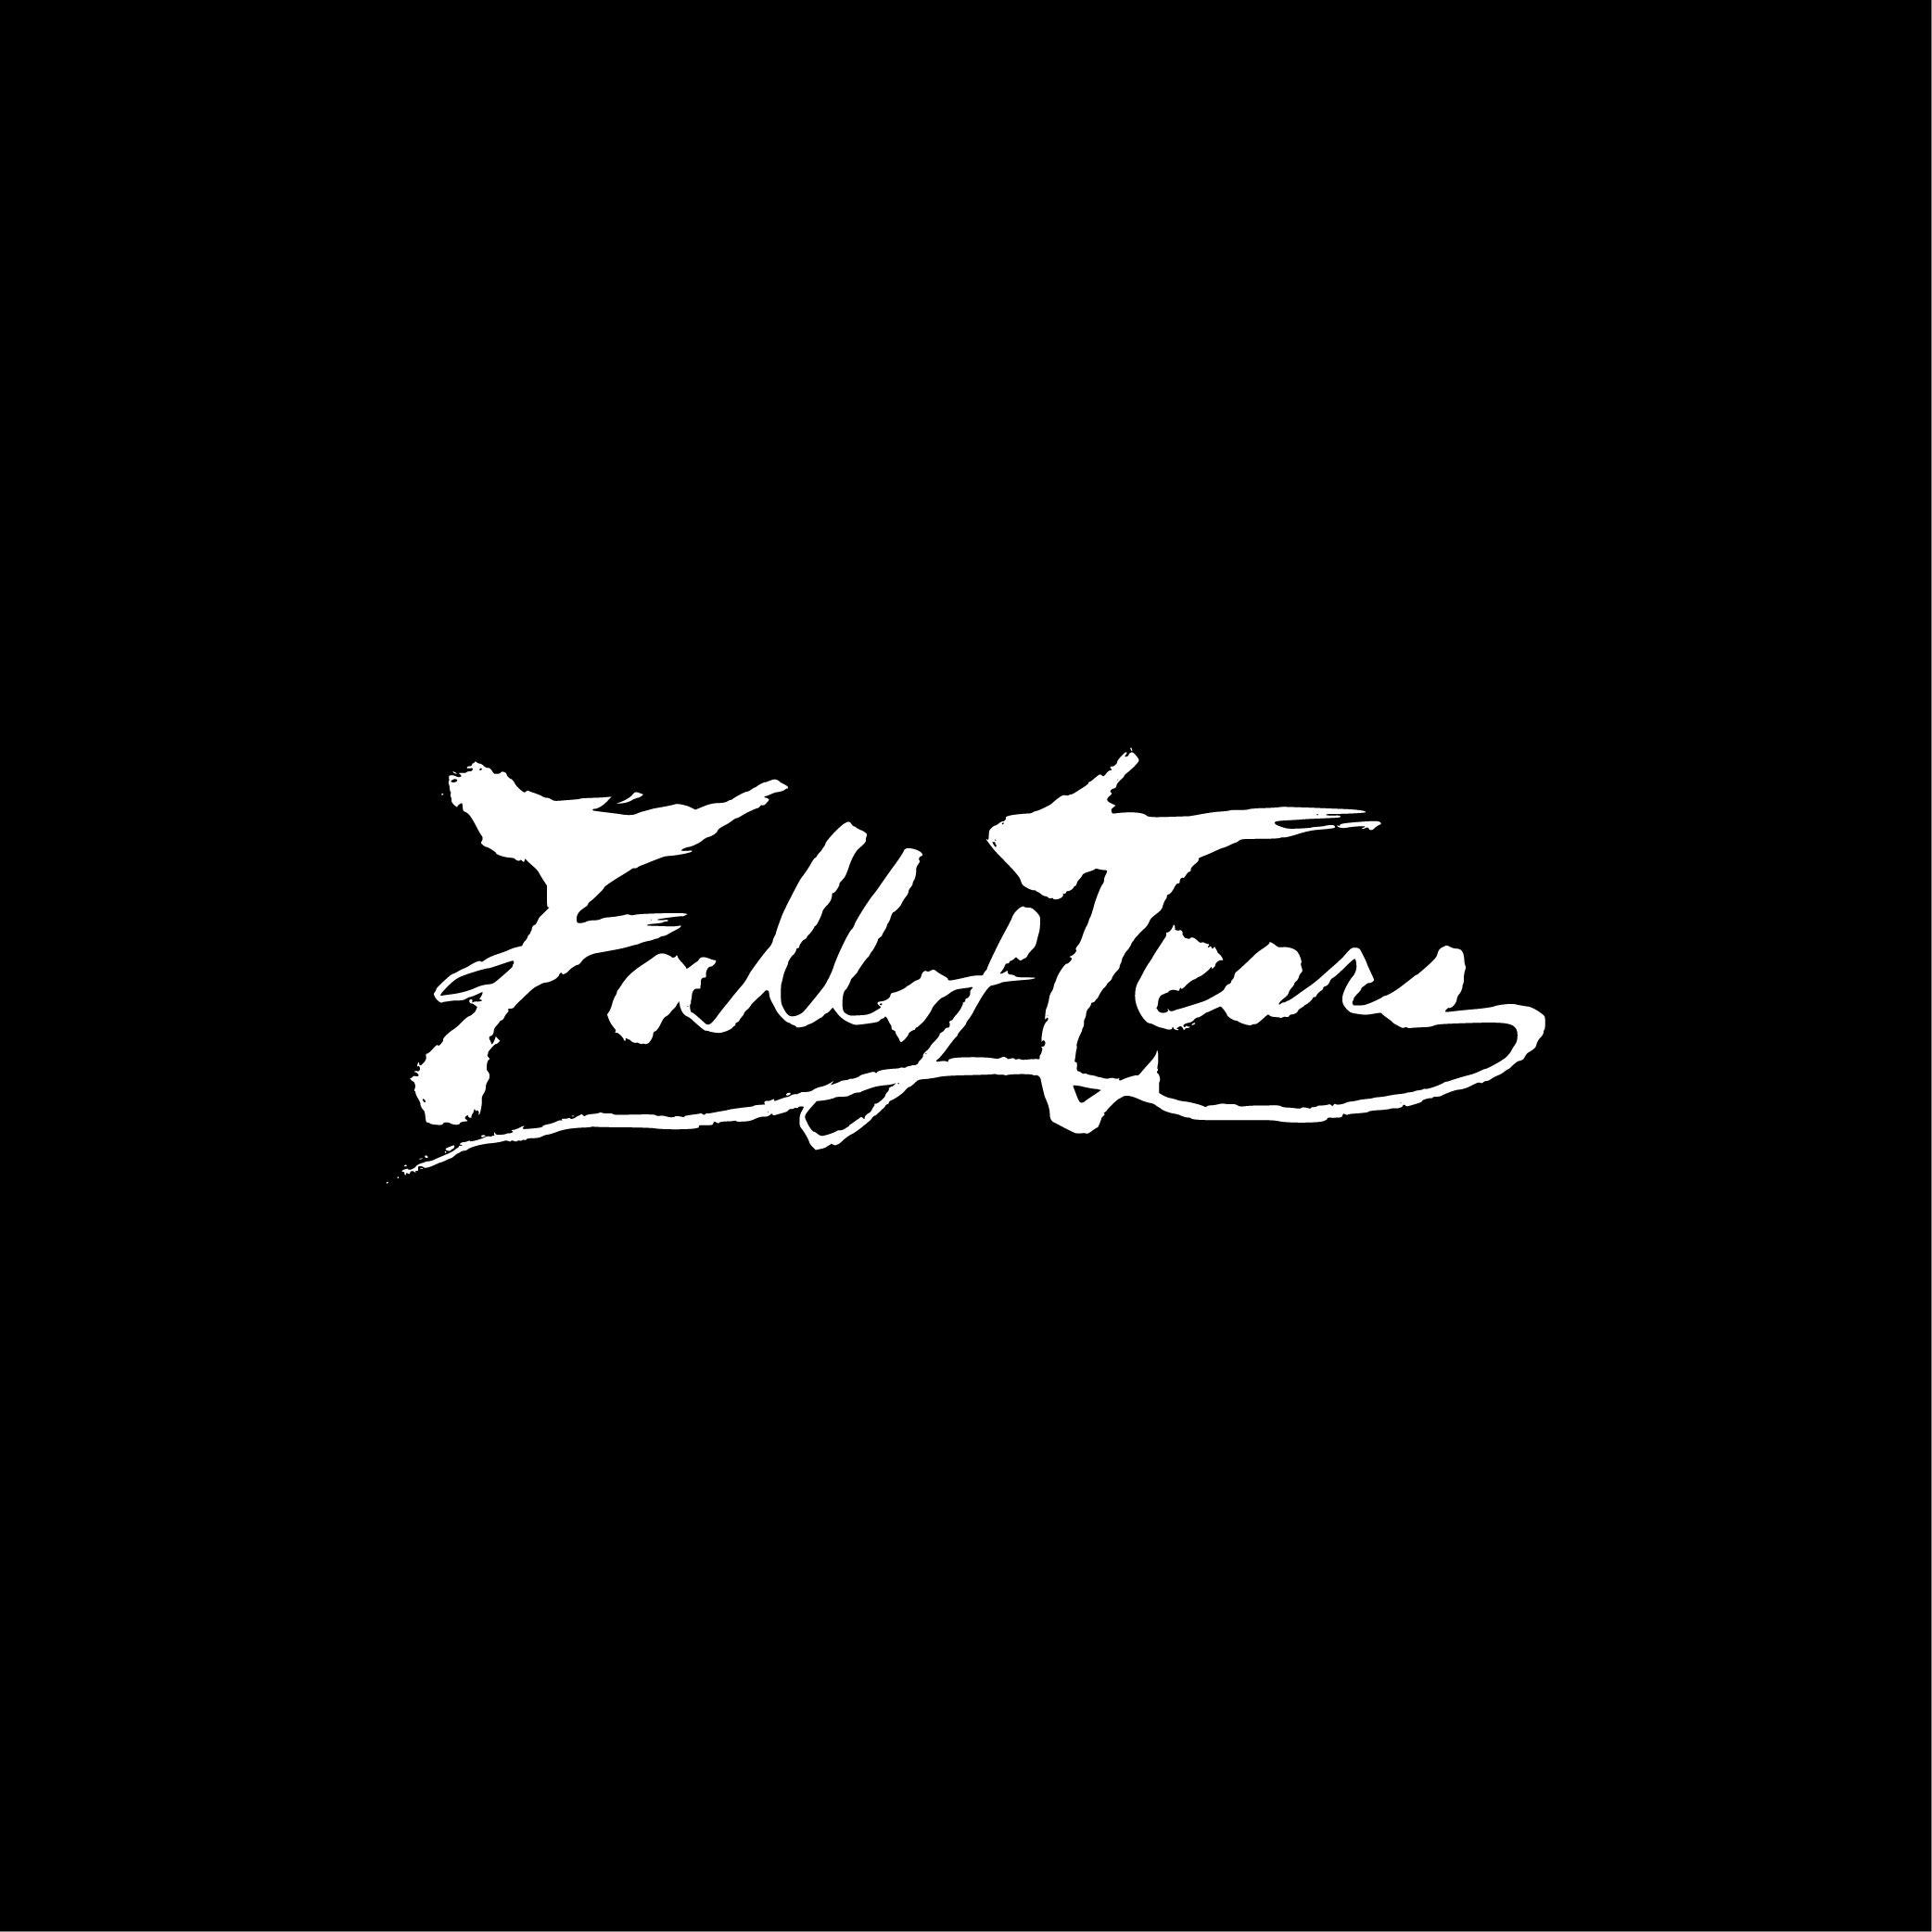 @FallofTears Profile Image | Linktree